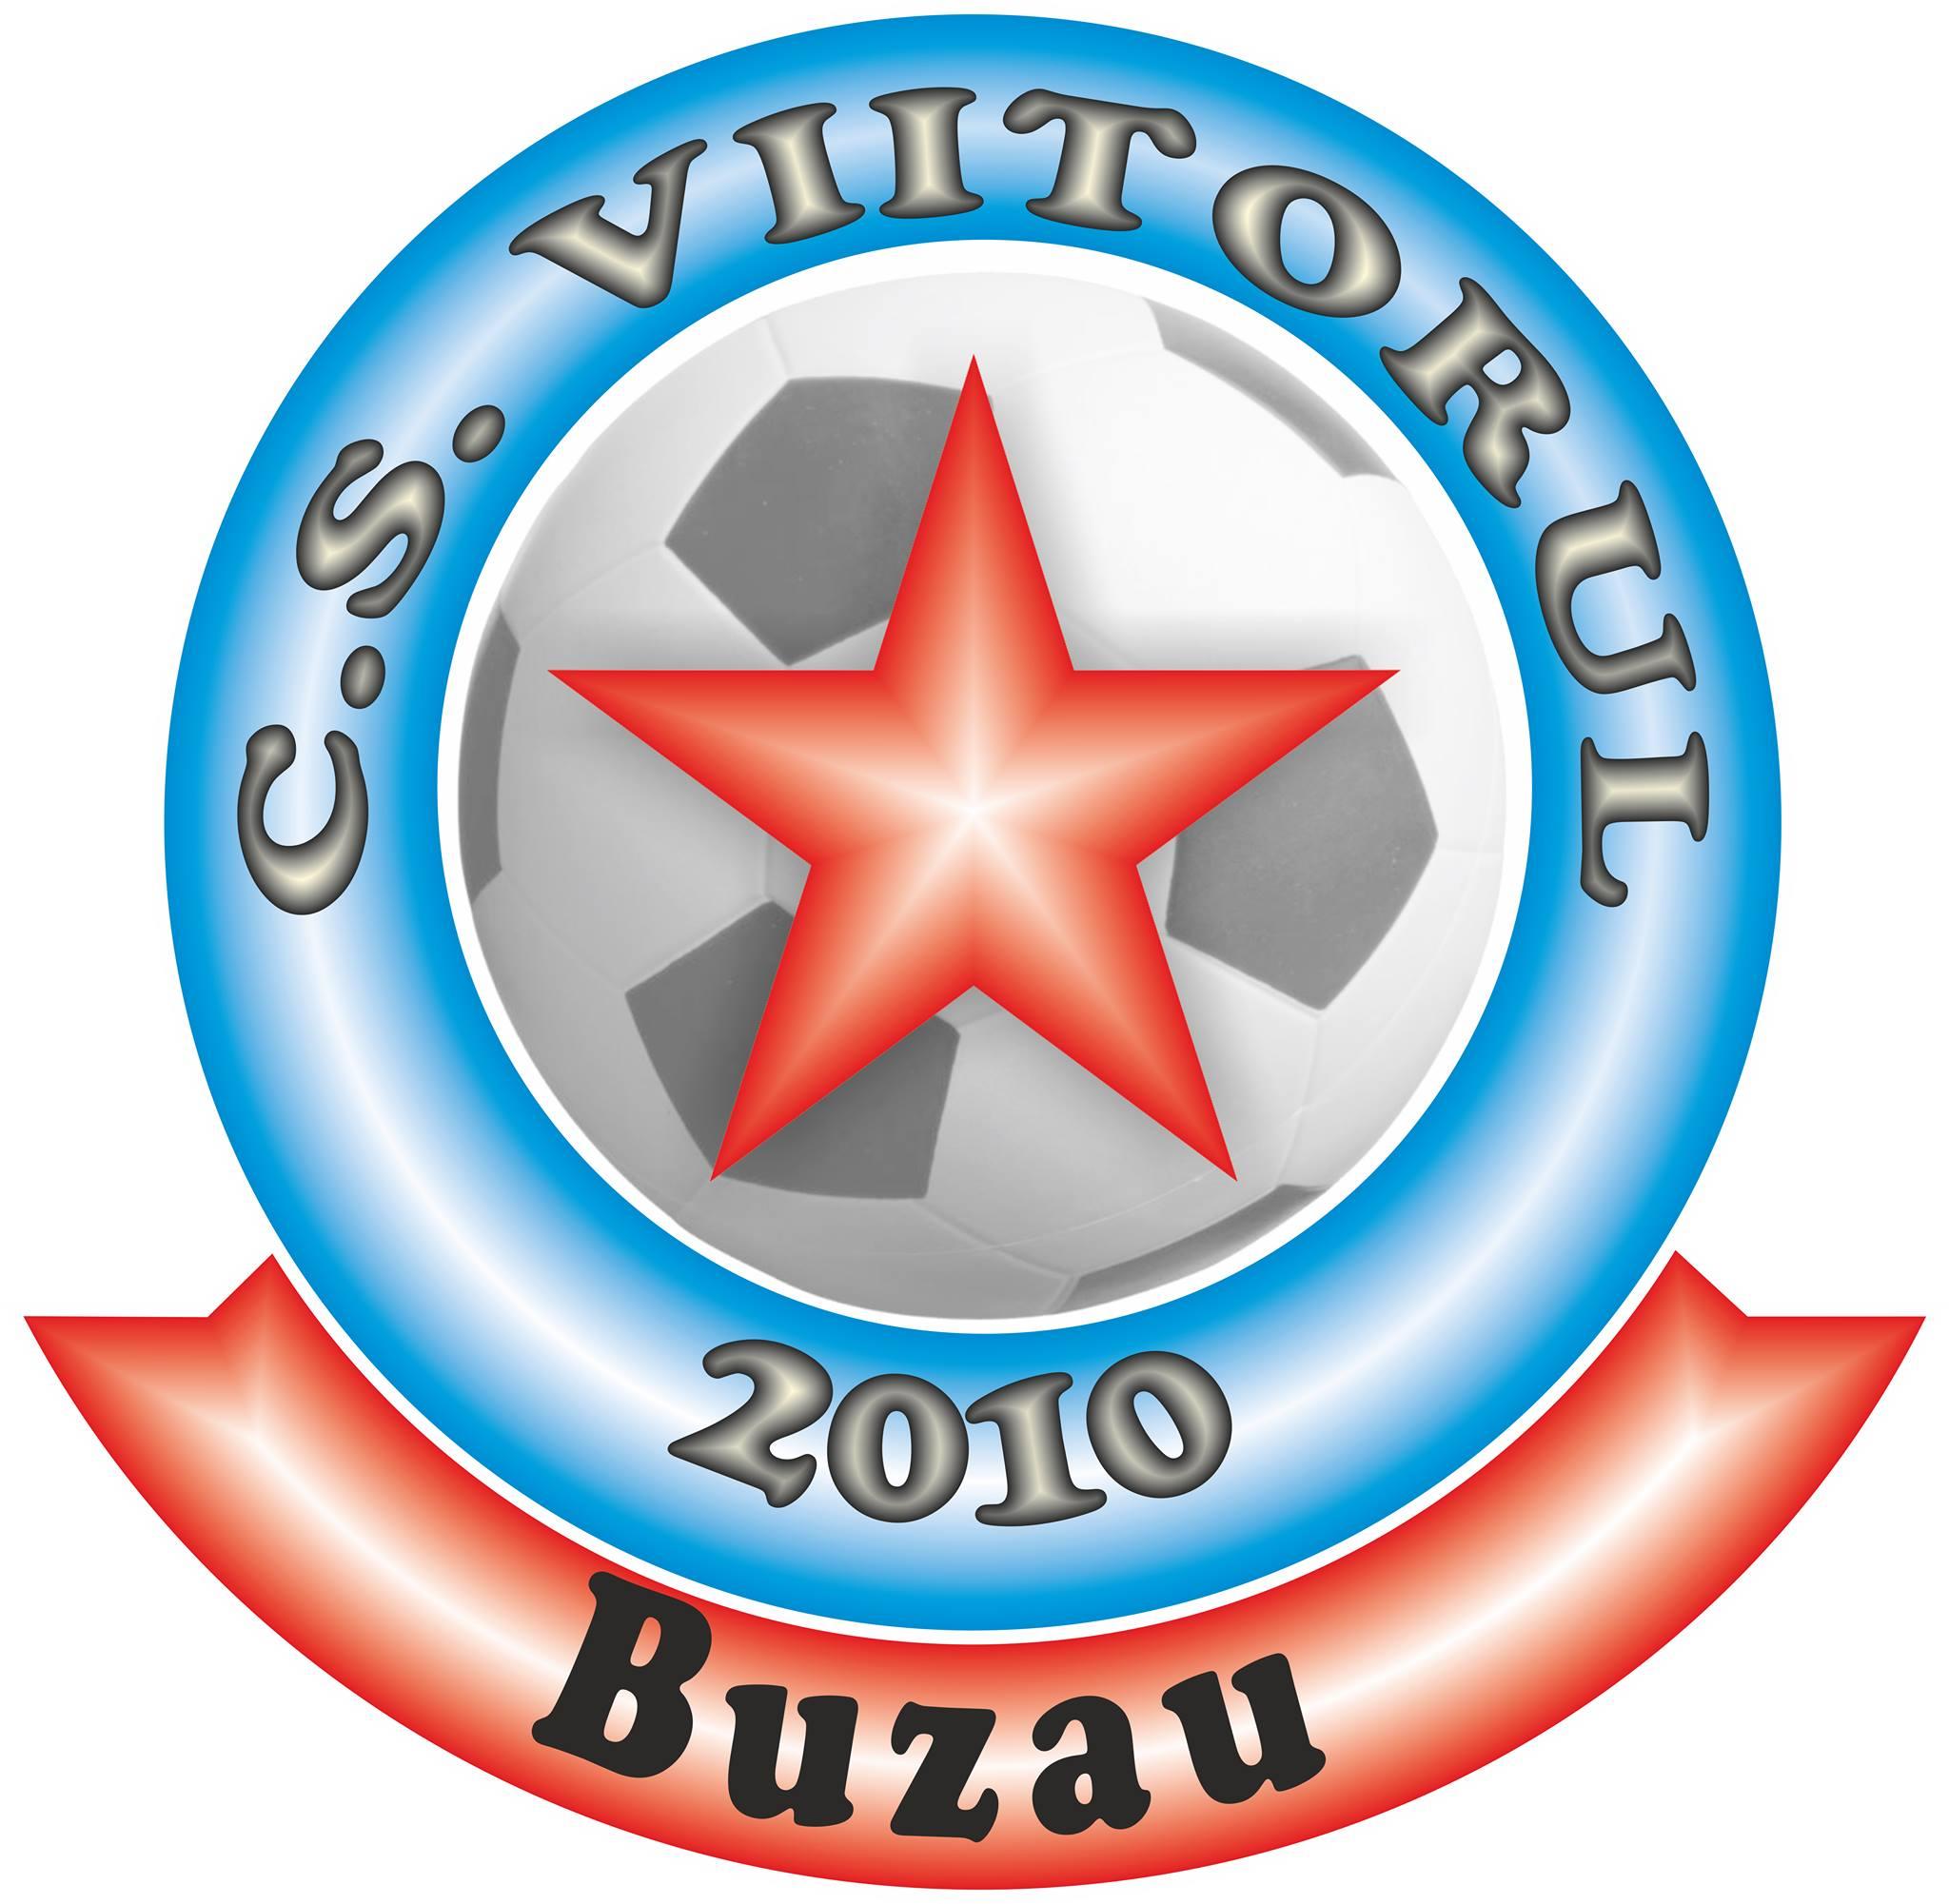 CS Viitorul 2010 Buzau